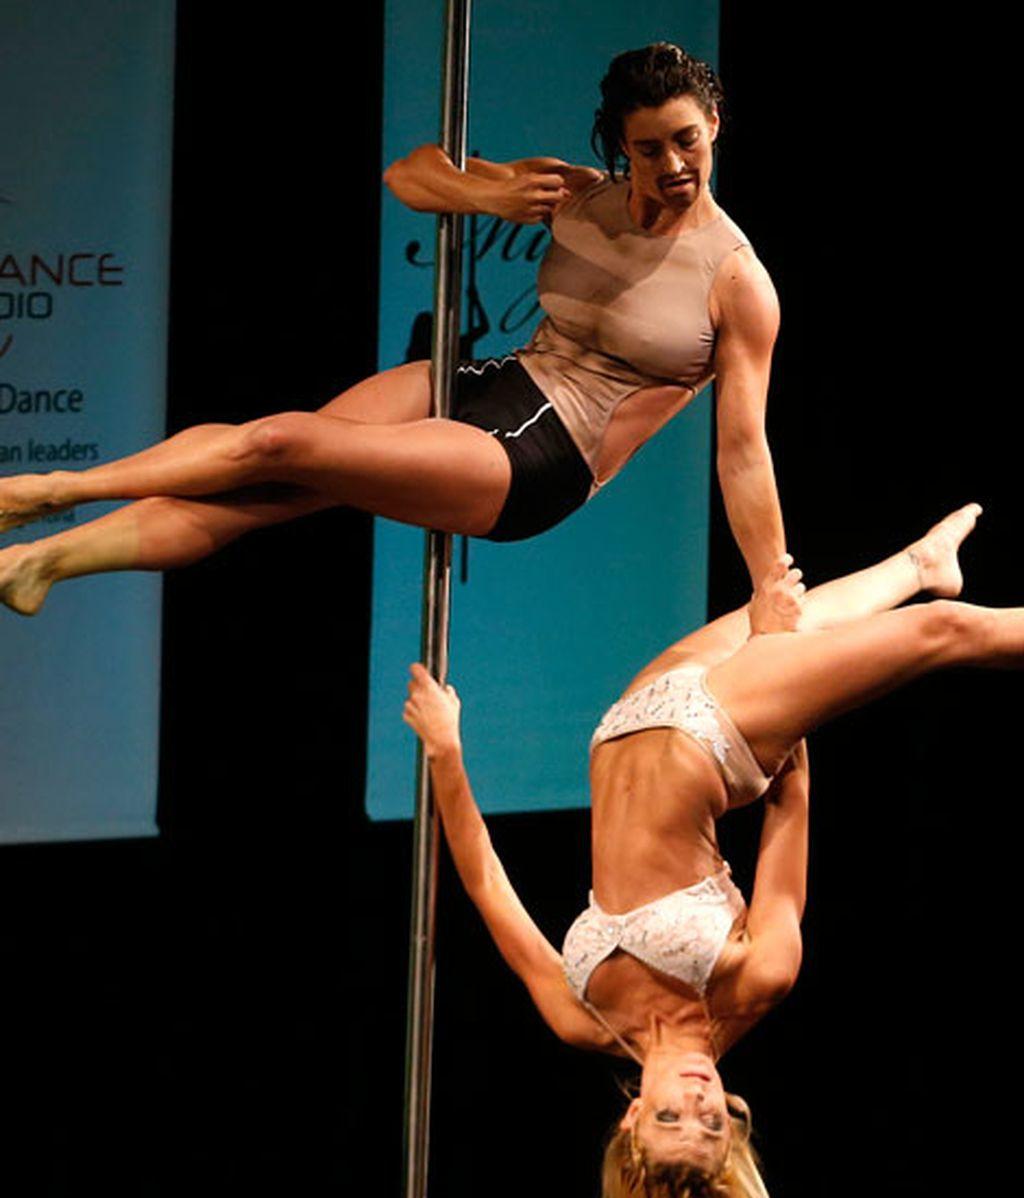 La competicion se ha realizado en Buenos Aires